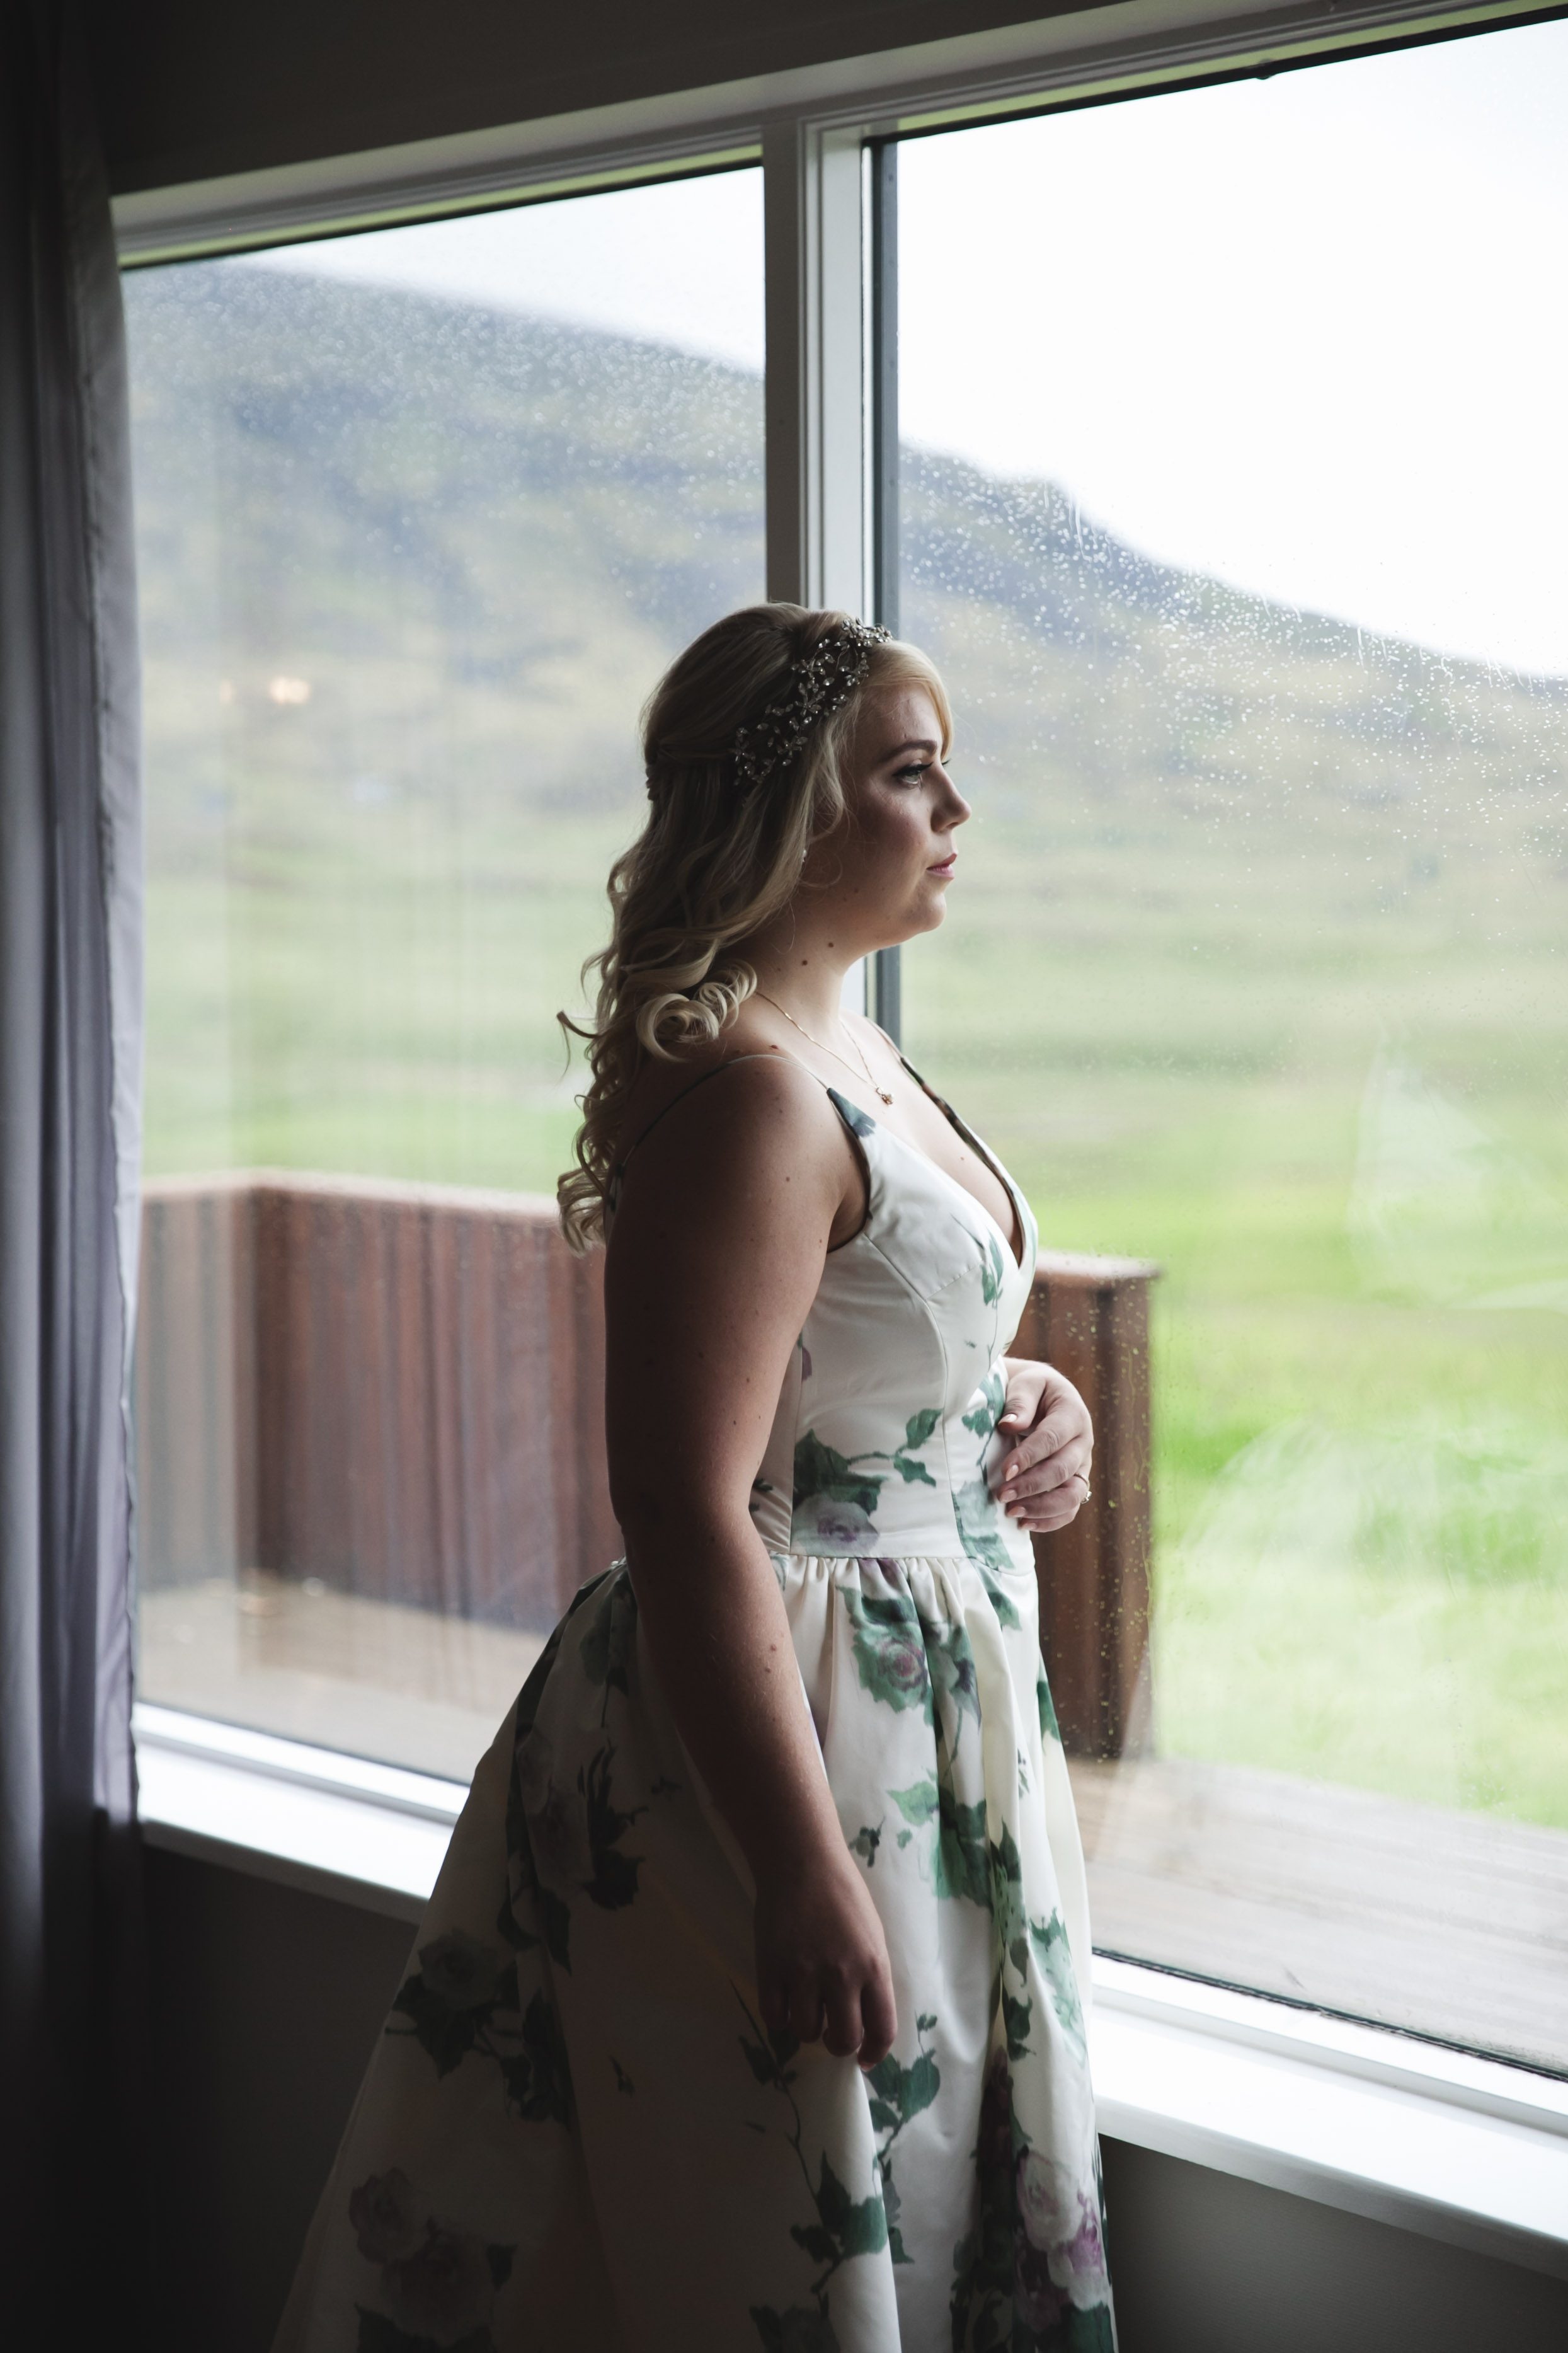 LisaDiederichPhotography_IcelandWedding_Kelsey&Zack-10.jpg